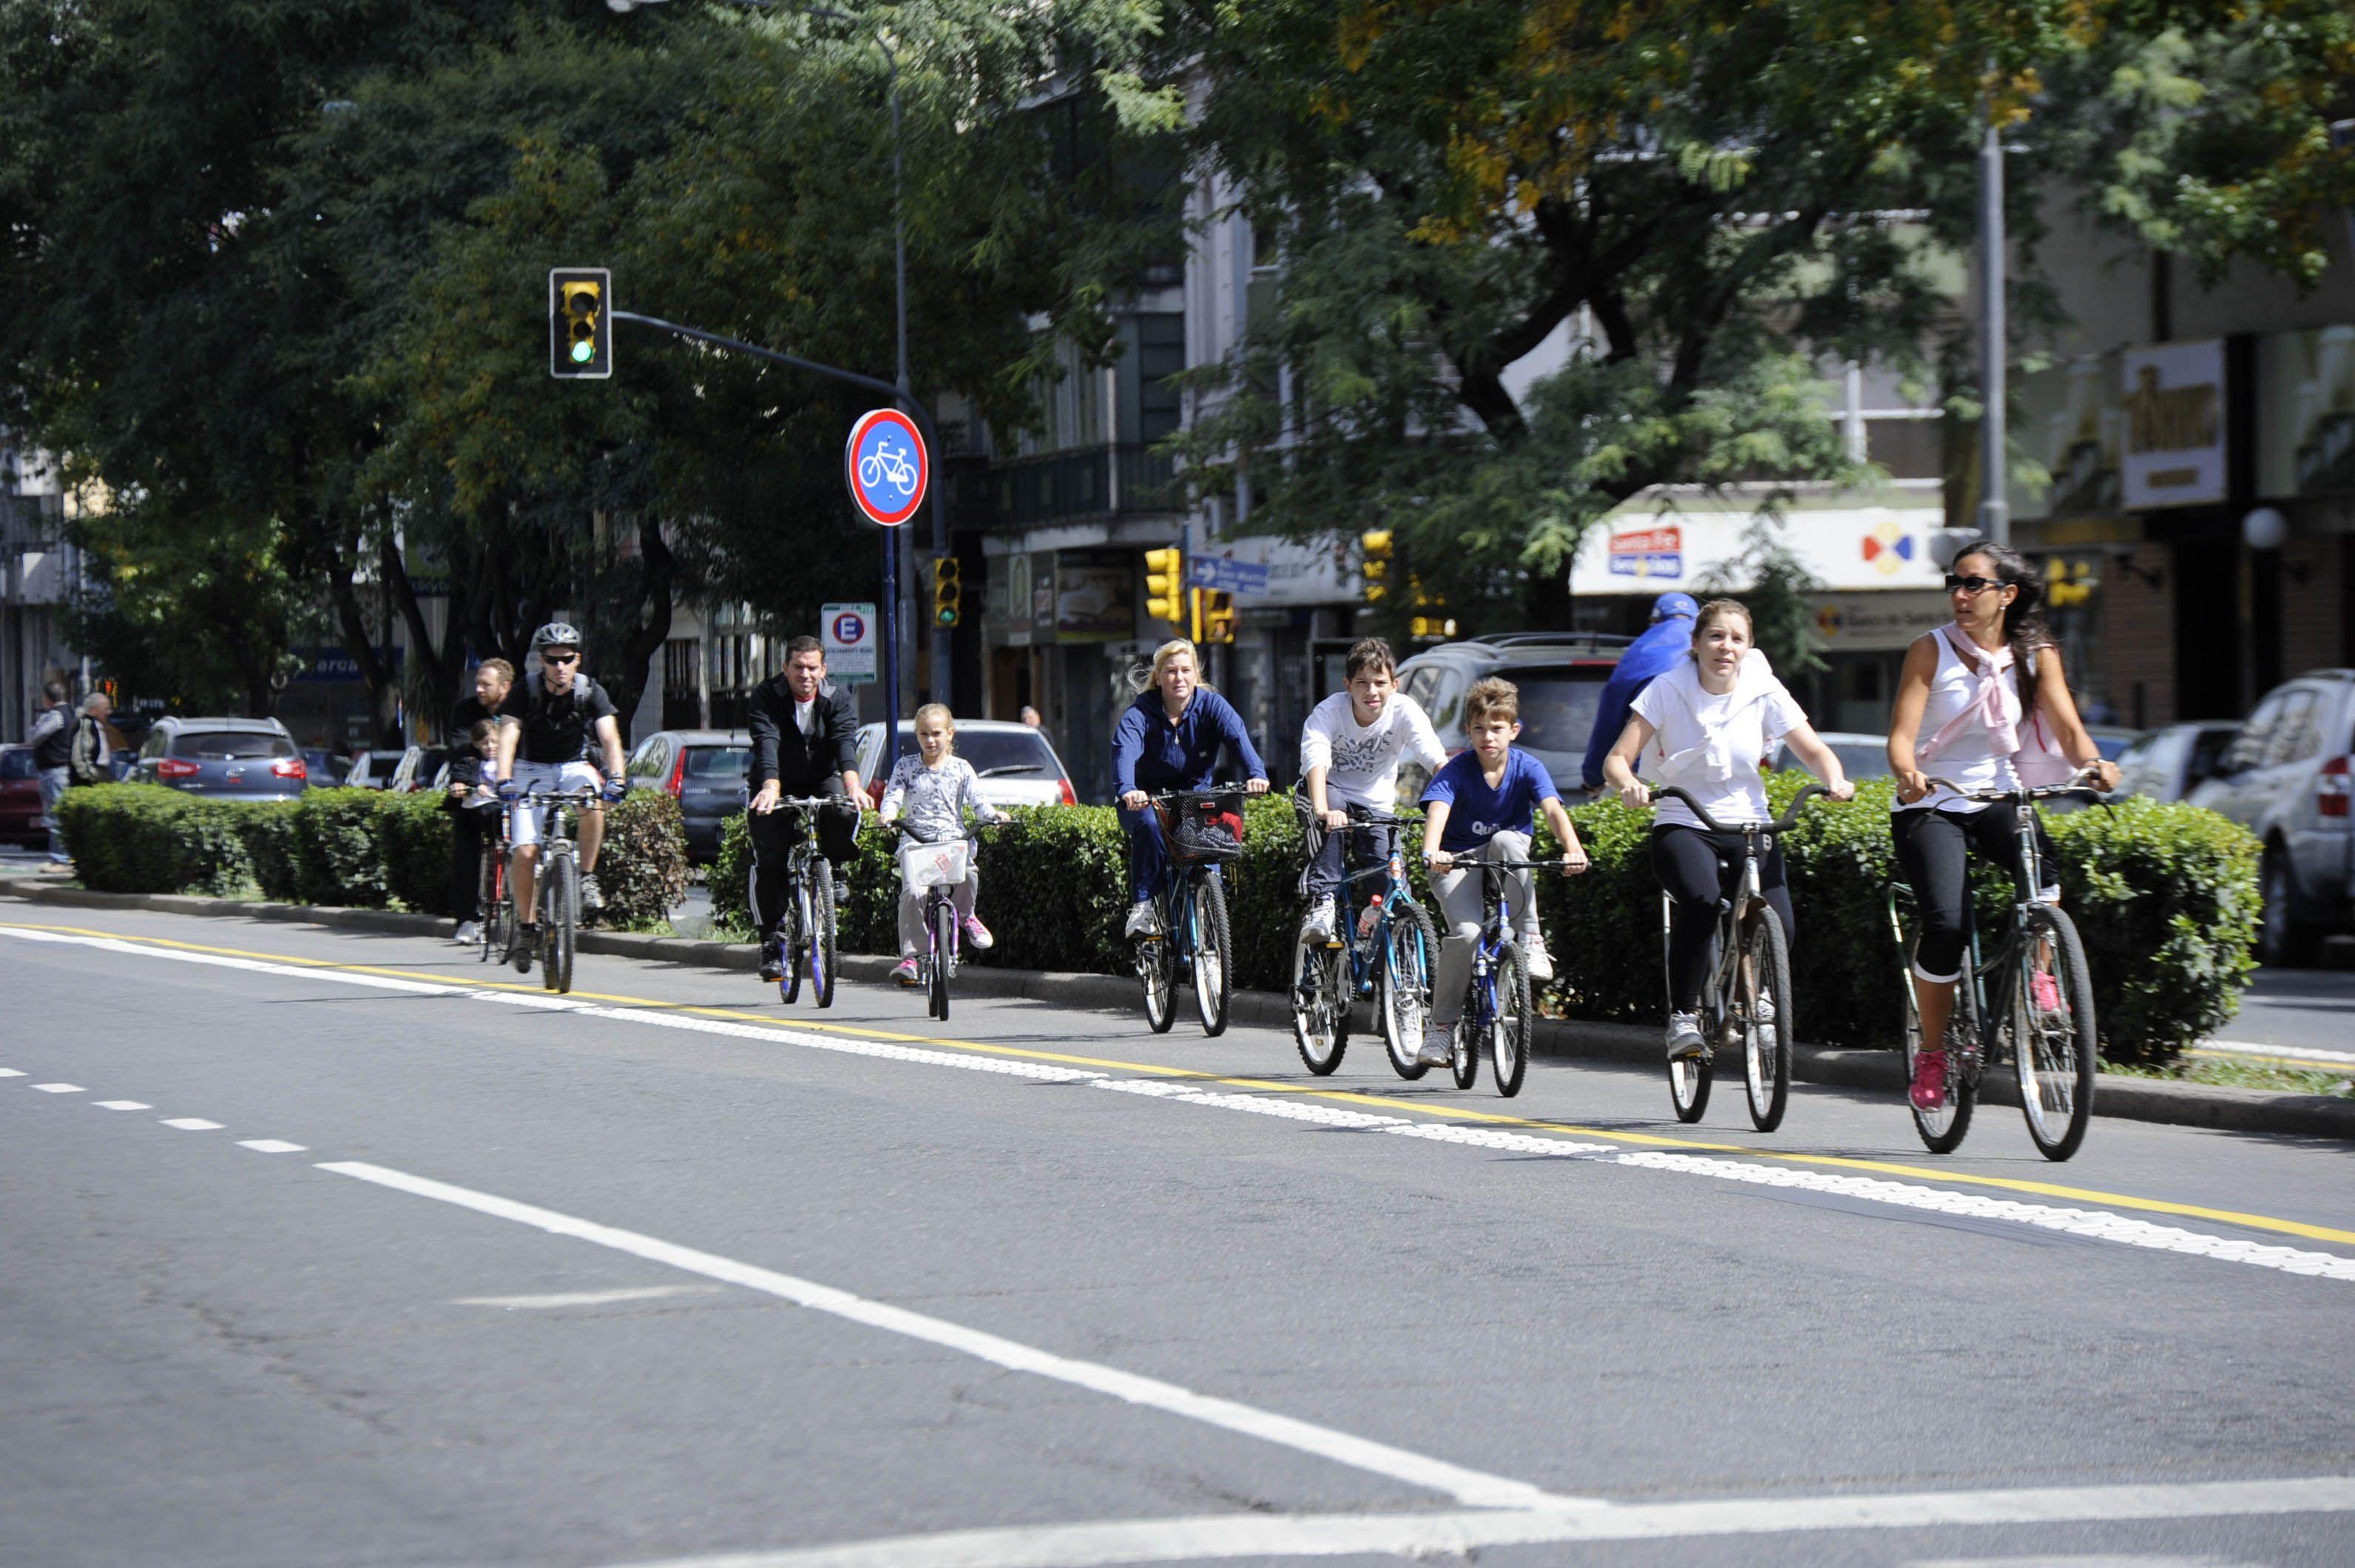 Los ciclistas cuestionan duramente que se esté por implementar el sistema de bicis públicas en el centro sin antes haber trazado una red de bicisendas en ese sector.